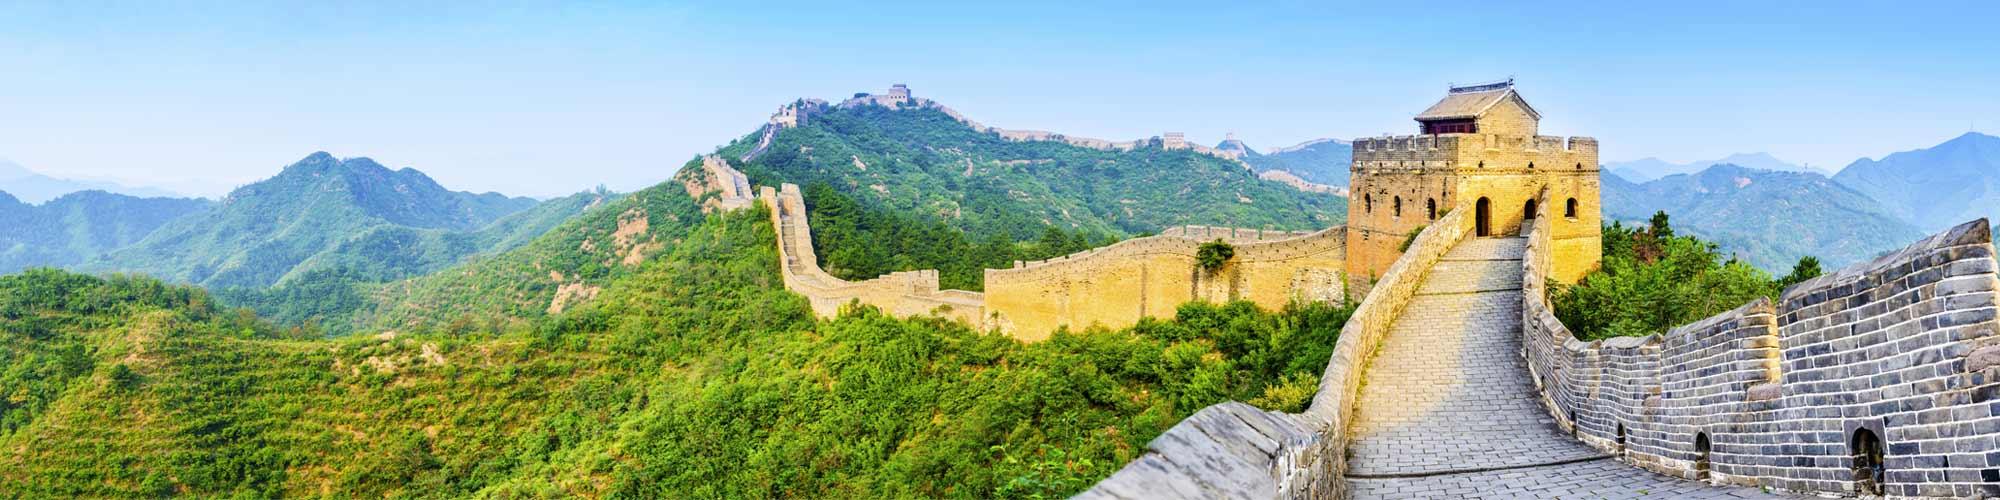 Viaje a Yunnan, La China profunda - El País Viajes